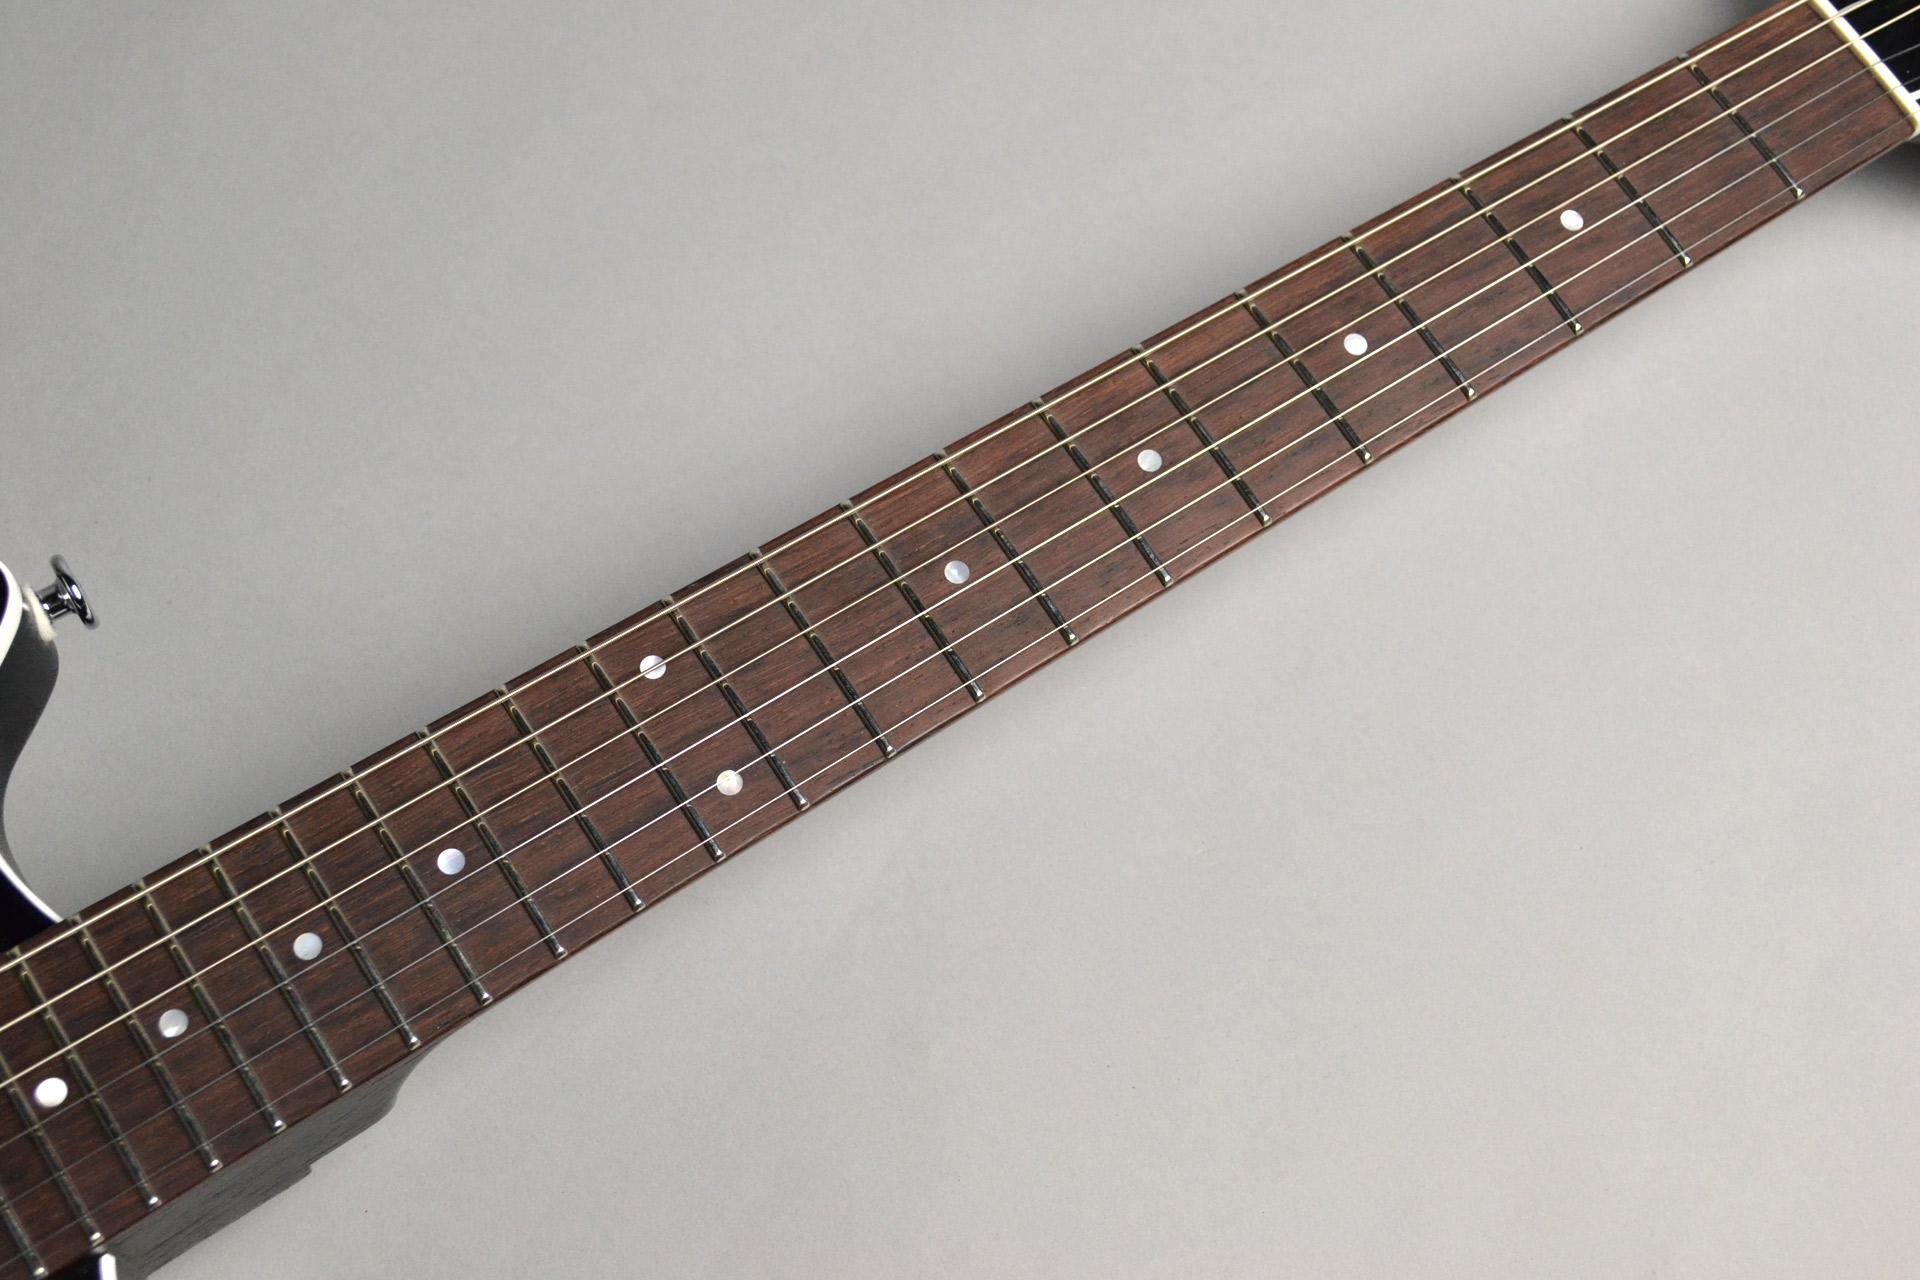 Kz One Junior-T 3S23 Kahler 島村楽器限定モデルのヘッド裏-アップ画像